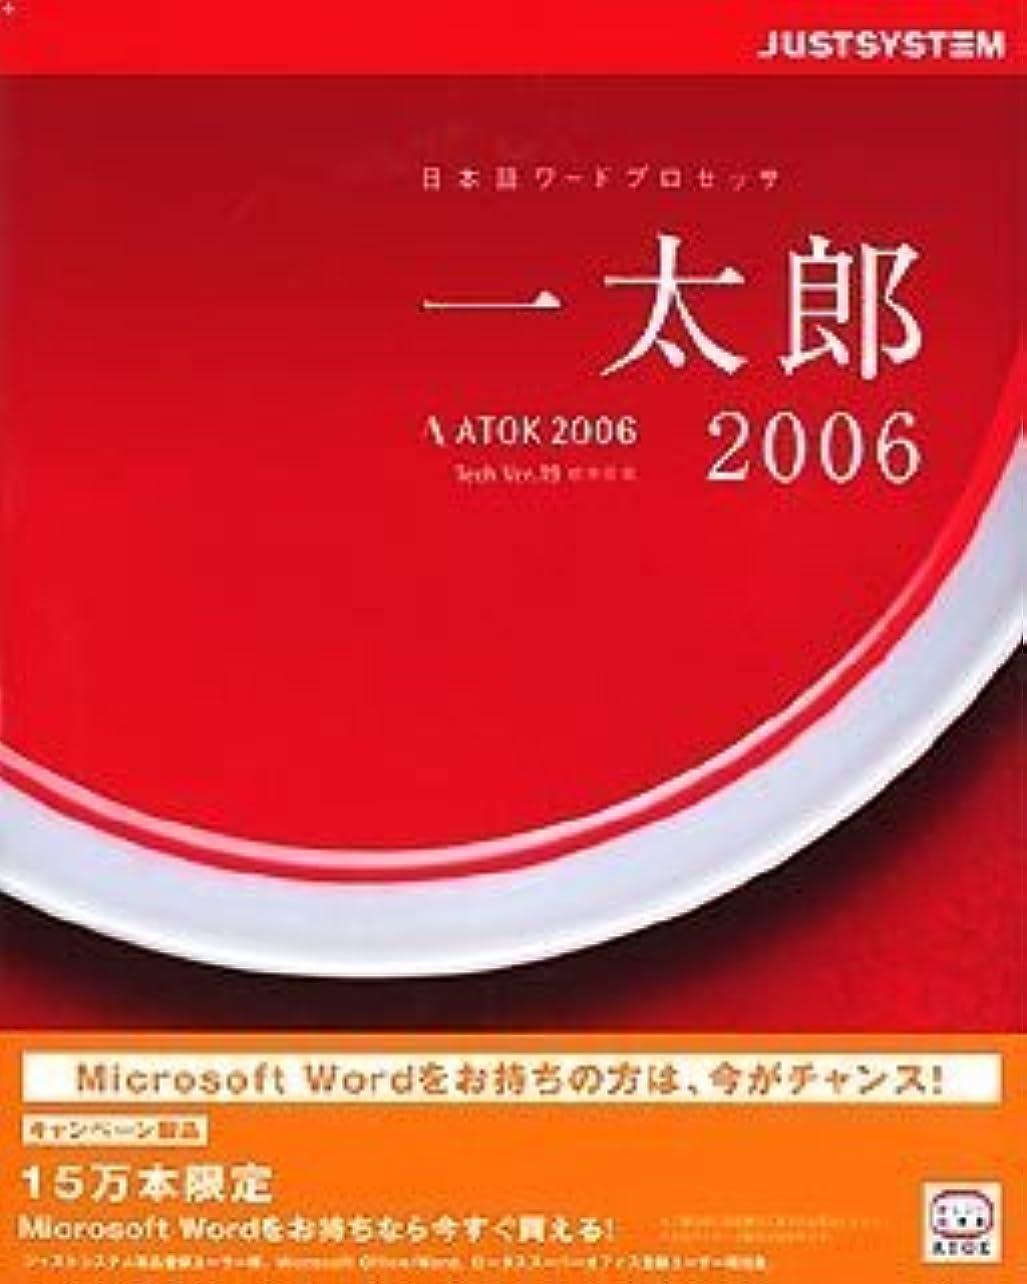 ホステス乱れノイズ一太郎2006 for Windows キャンペーン CD-ROM